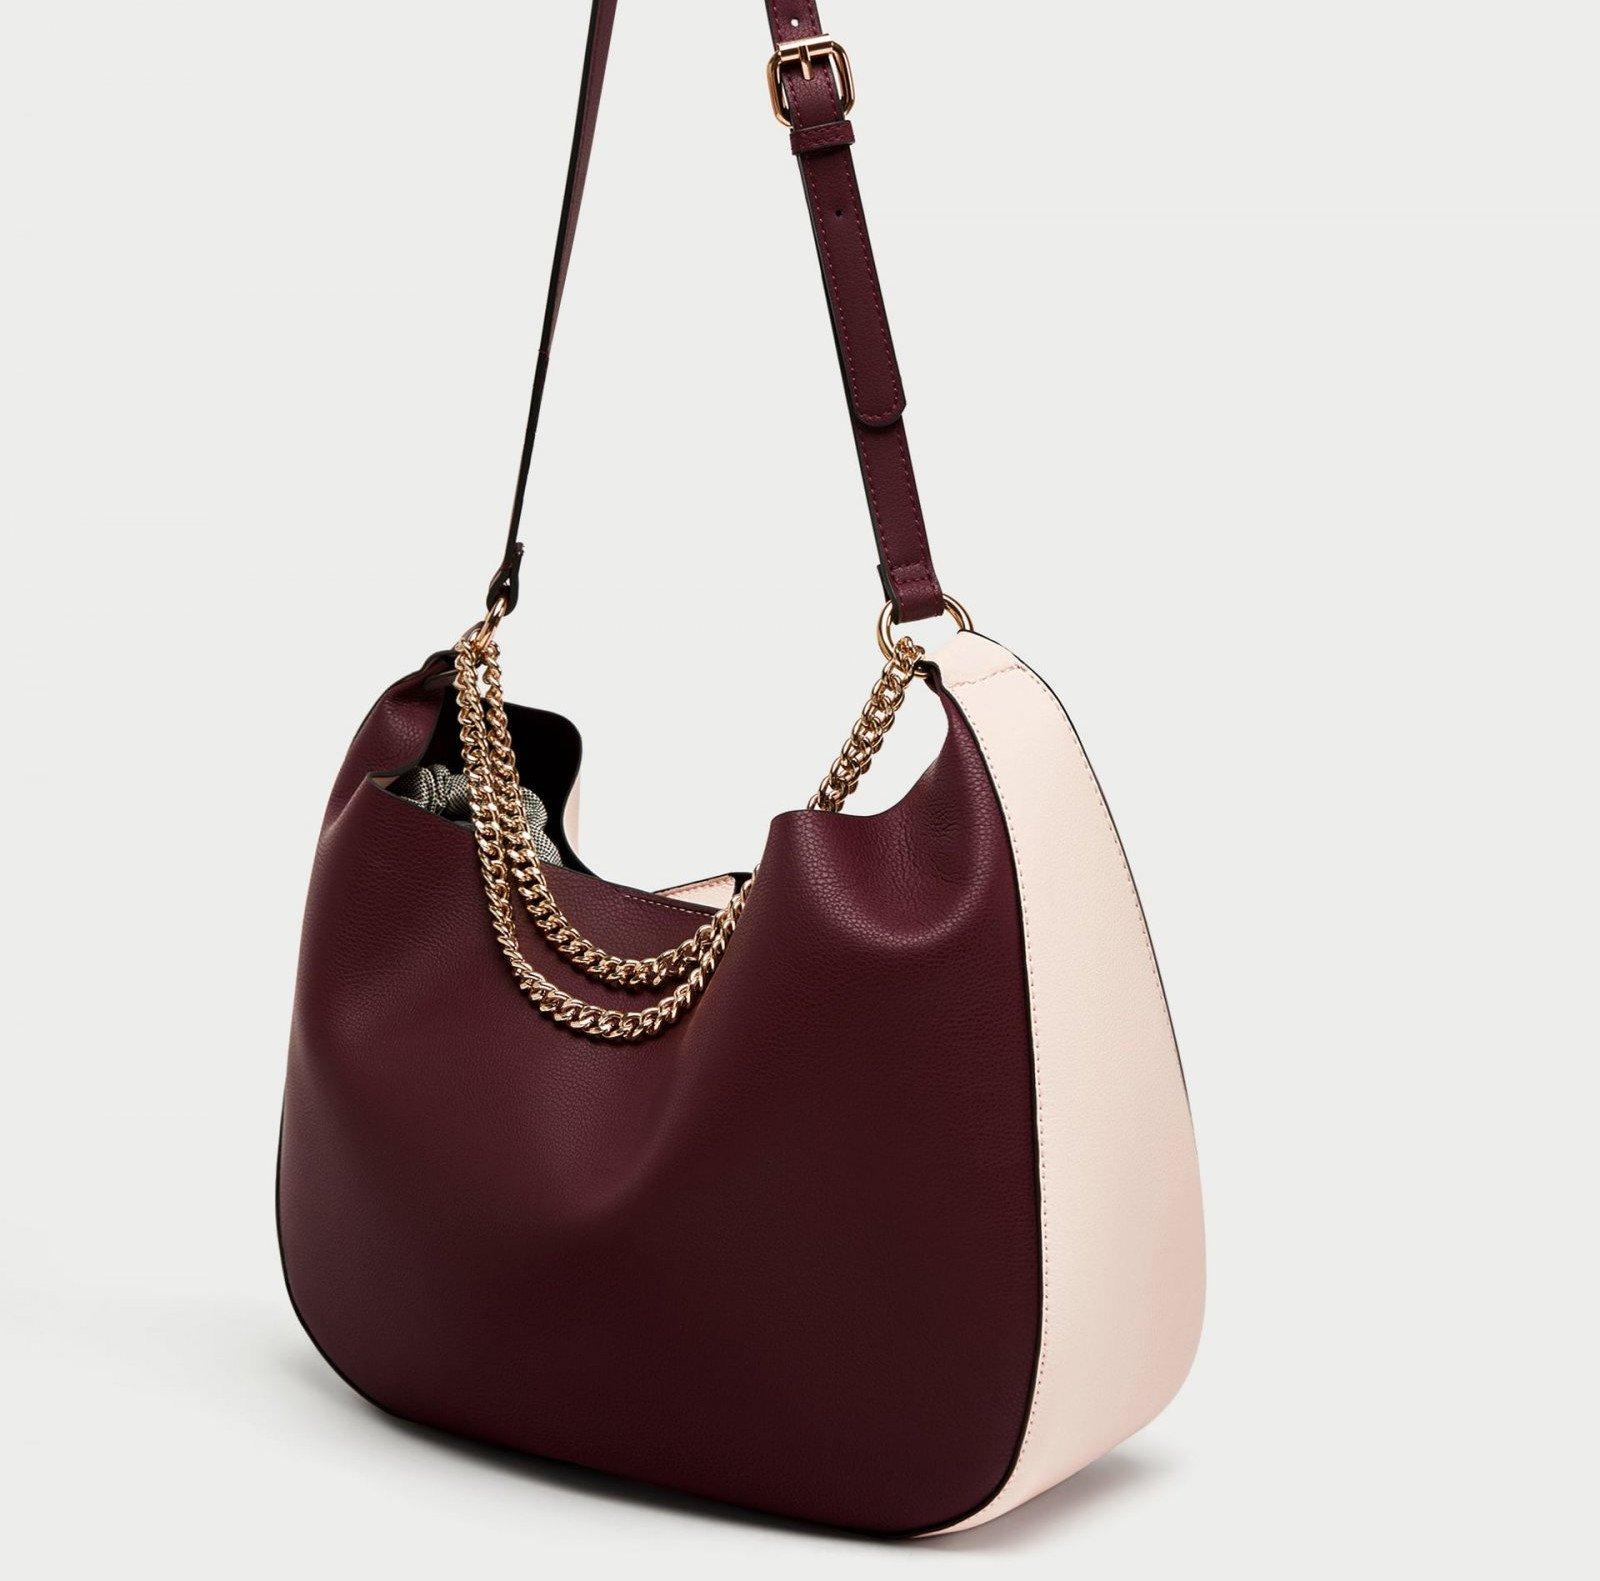 Bolso con cadenas de Zara, por 5,99 euros (antes 15,99)